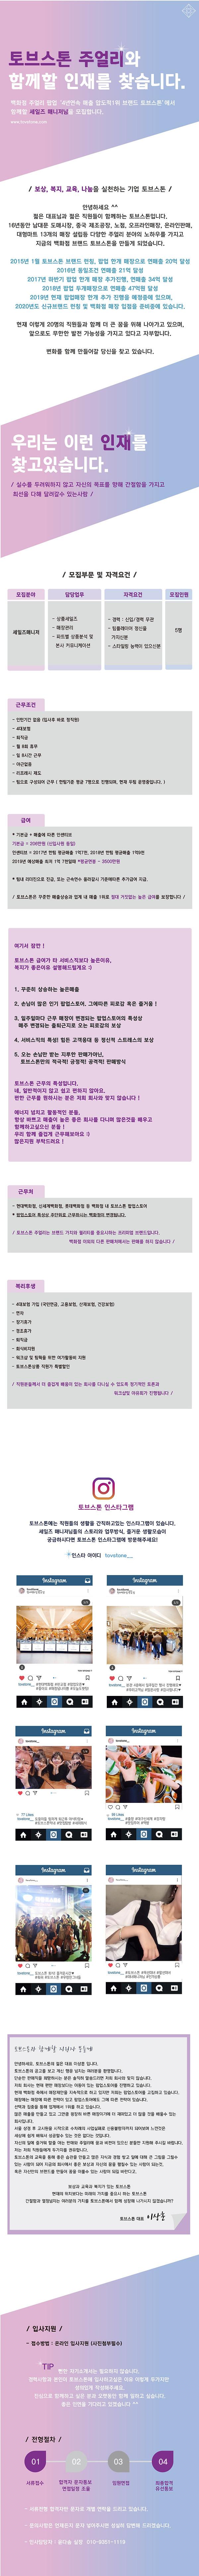 2019-매장직원-(9월)--수도권.jpg